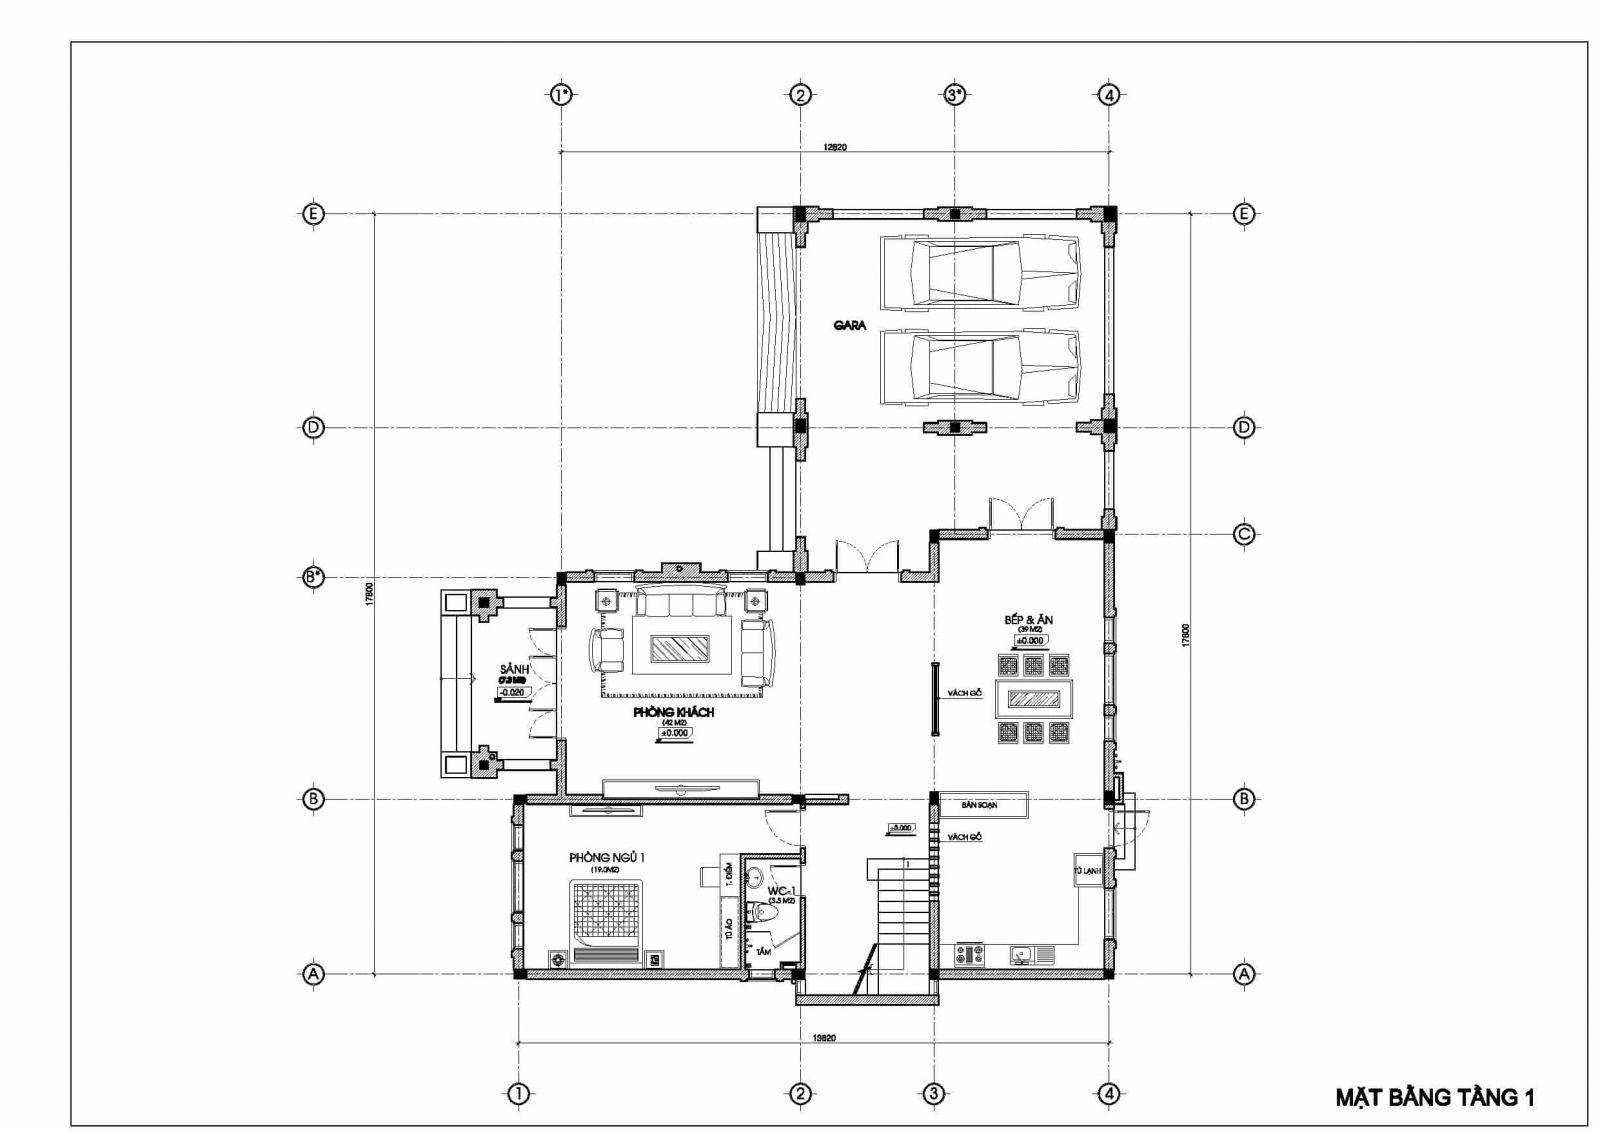 biệt thự 2 tầng đẹp kiểu Pháp - mặt bằng tầng 1